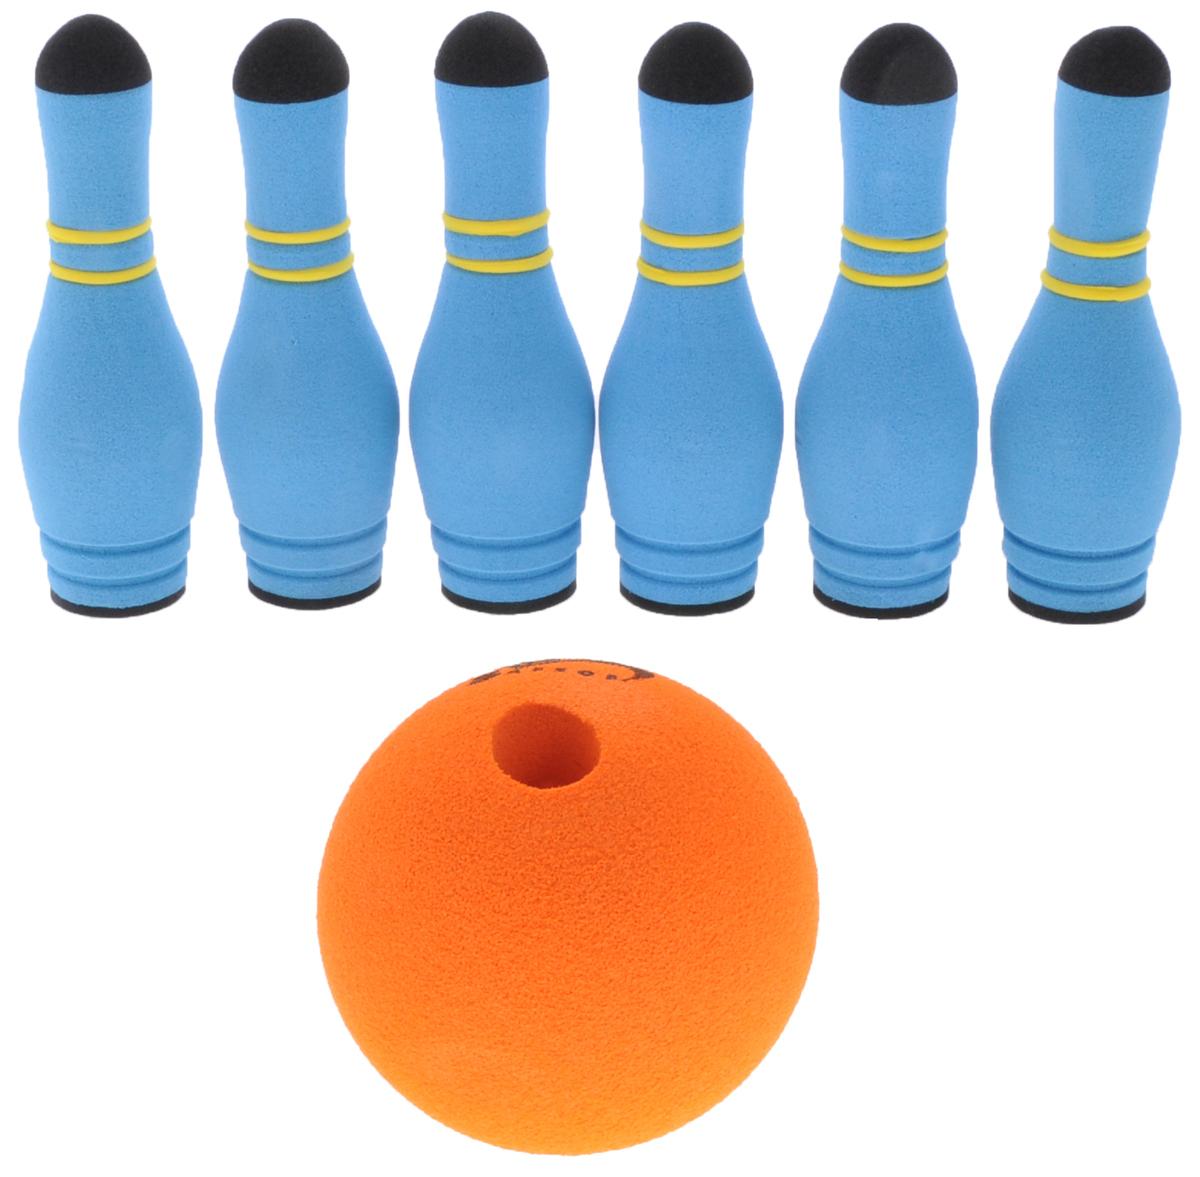 Safsof Игровой набор Мини-боулинг цвет голубой оранжевыйMBB-05(B)_гол/оранжИгровой набор Safsof Мини-боулинг, изготовленный из вспененной резины и полимера, состоит из шести кеглей и шара. Набор выполнен из мягкого материала, что обеспечивает безопасность ребенку. Суть игры в боулинг - сбить шаром максимальное количество кеглей. Число игроков и количество туров - произвольное. Очки, набранные с каждым броском мяча, рассматриваются как количество сбитых кегель. Расстояние, с которого совершается бросок, определяется игроками. Каждый игрок имеет право на два броска в одной рамке (рамка - треугольник, на поле которого выстраиваются кегли перед каждым первым броском очередного игрока). Бросок, при котором все кегли сбиты, называется страйк и обозначается как Х. Если все кегли сбиты первым броском, второй бросок не требуется: рамка считается закрытой. Призовые очки за страйк - это сумма кеглей, сбитых игроком следующими двумя бросками. Выигрывает тот игрок, который в сумме набирает больше очков.